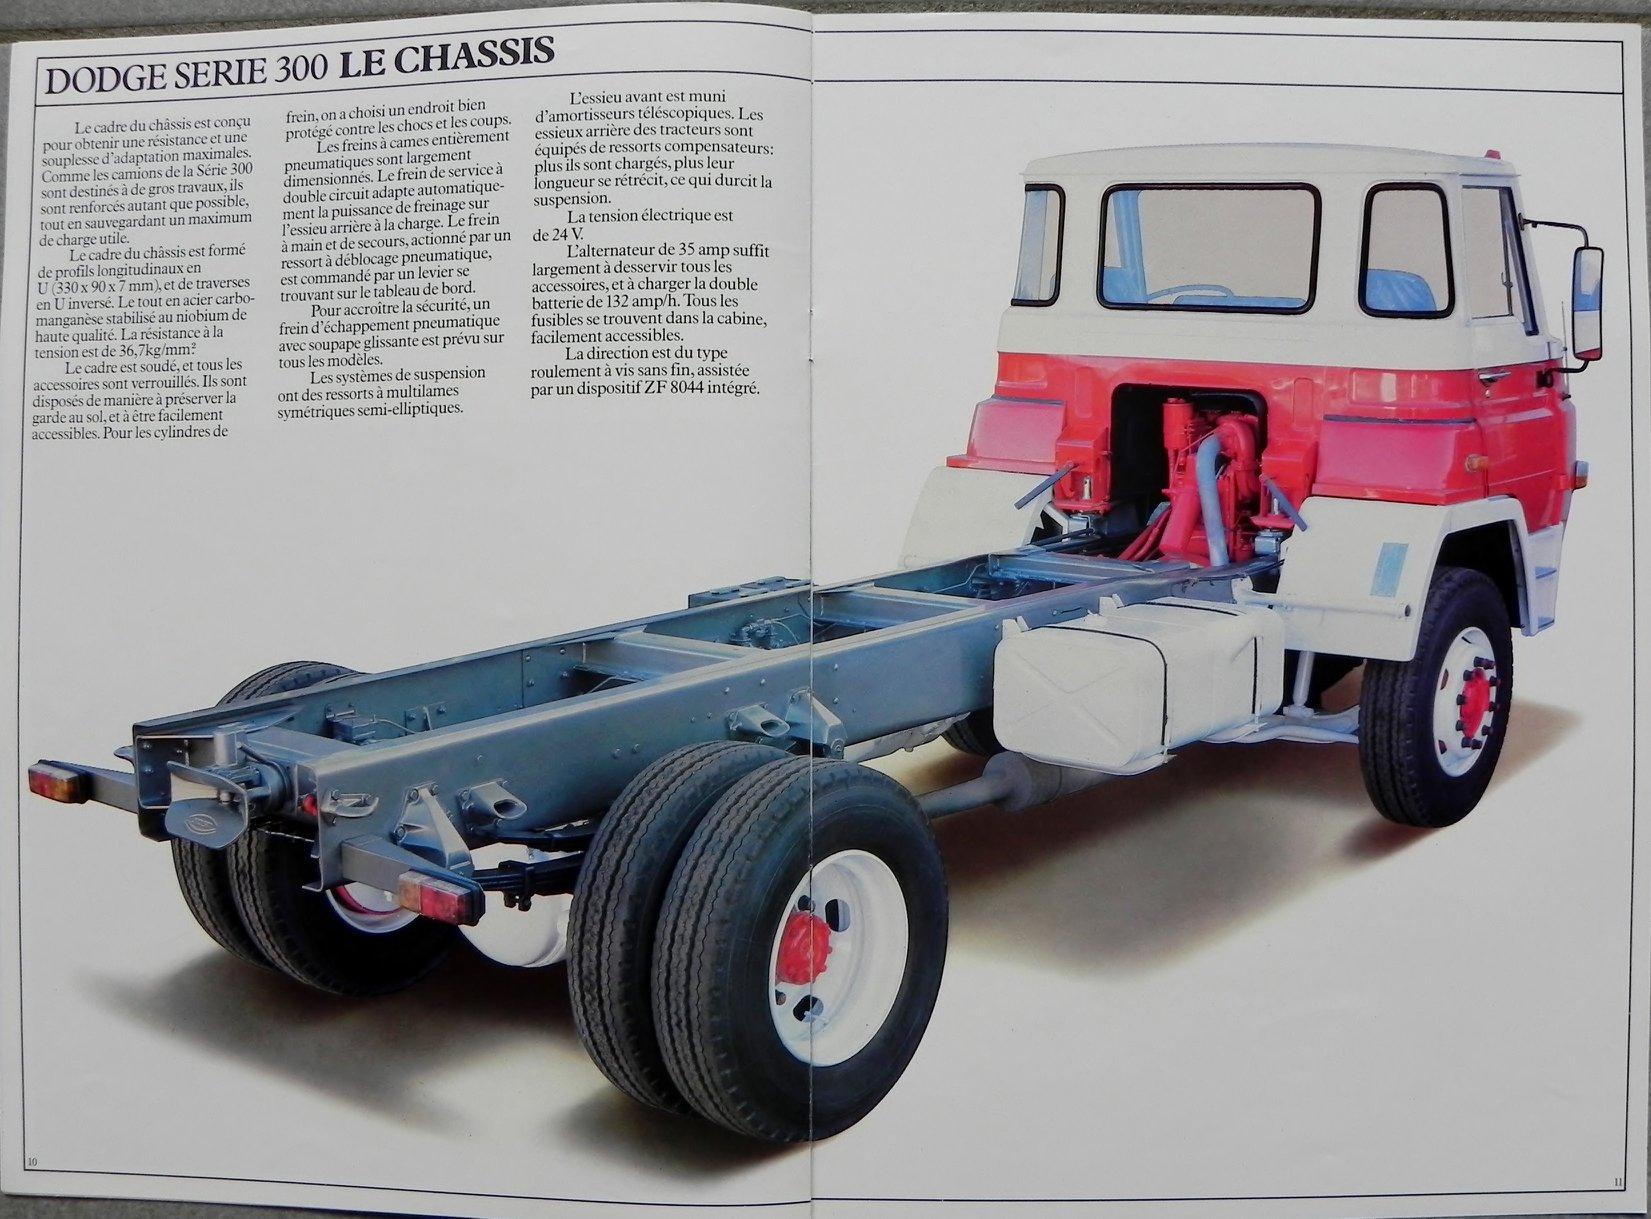 Dodge--300-C17-1980-8